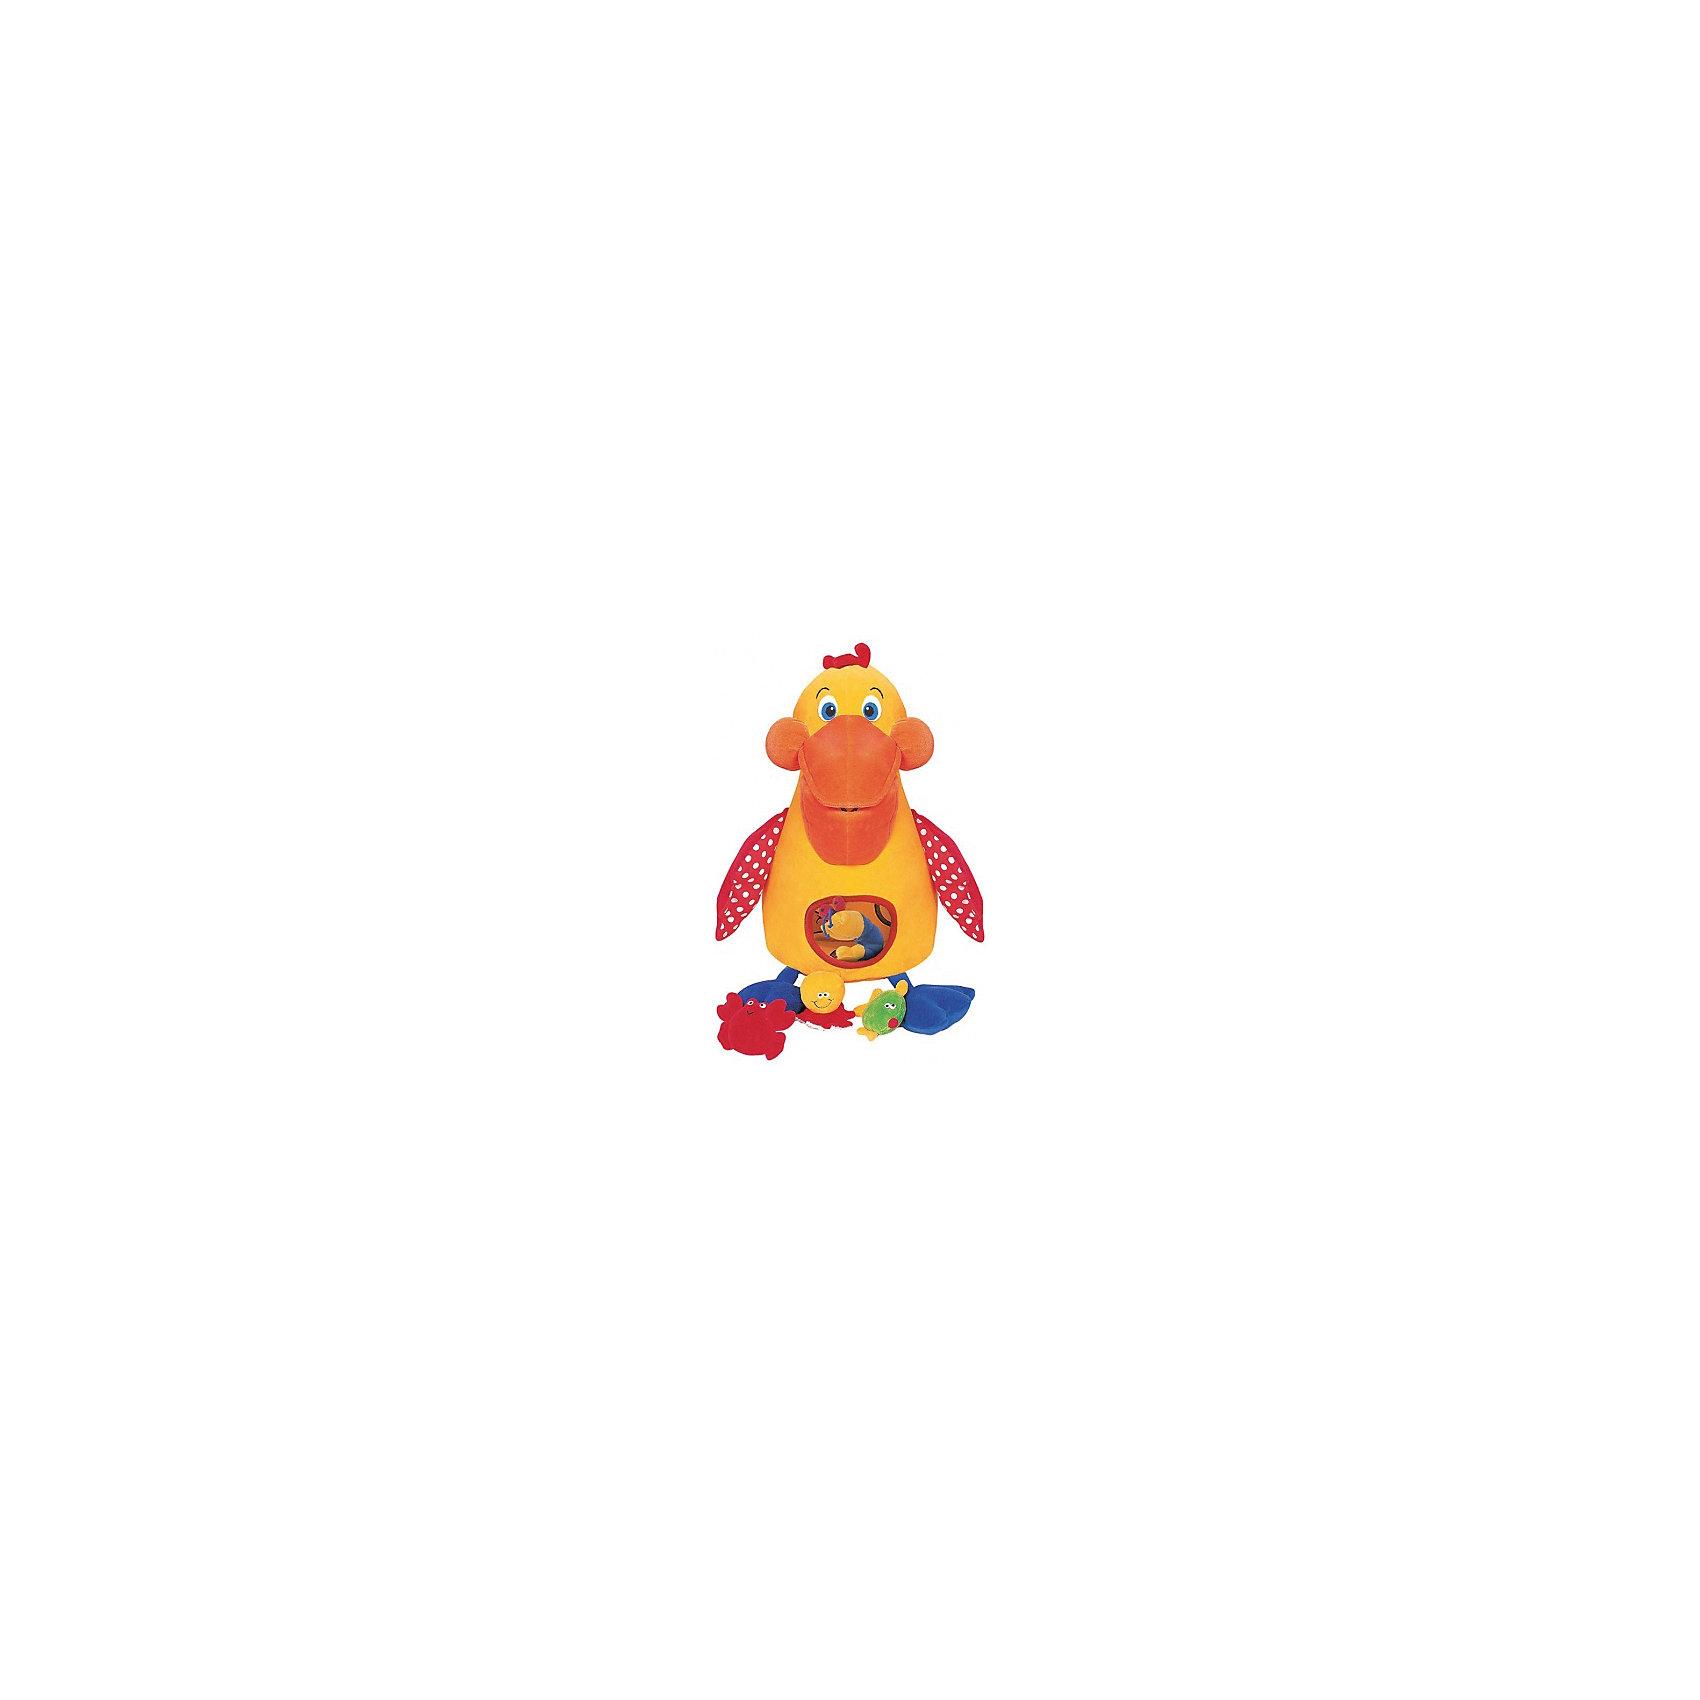 Голодный пеликан с игрушками, Ks KidsРазвивающие игрушки<br>Игрушка «Голодный» пеликан K's Kids (Кс Кидс) –  многофункциональная игрушка, которую можно использовать для домашних игр, а также она будет очень удобна для развлечения малыша в дальней поездке.  Комплект состоит из птицы-пеликана и его любимой пищи: рыбки, осьминога, креветки и краба. Каждая деталь этого набора наделена своим звуковым эффектом. Так, рыбка шуршит, осьминог пищит, а краб и креветка гремят. Сам пеликан изготовлен из мягкого текстильного материала с крыльями из шуршащего материала. У птицы большой мягкий клюв, через который он поглощает любимые лакомства. В щечках расположены пищалки, в лапках ? погремушки. В животе имеется отверстие, через которое можно без труда достать «съеденных» морских обитателей. <br>«Голодный» пеликан K's Kids (Кс Кидс) –  это развлечение с обучением. Ваш ребенок в легкой игровой форме познакомится с морскими обитателями и особенностями их жизни. Данная игрушка может использоваться в качестве подвески на детскую кроватку или стульчик для кормления.<br>Птица подарит вашему малышу богатство тактильных ощущений, научит координации движений и будет способствовать развитию цветовосприятия.<br><br>Дополнительная информация:<br><br>- Вид игр: подвижные, развивающие<br>- Предназначение: для дома, для поездки <br>- Дополнительные эффекты: звуковые ? шуршалки, пищалки, погремушки<br>- Материал: гипоаллергенный текстиль с различными фактурами<br>- Размер игрушки: пеликан ? 19*11*50 см; 4 морских обитателя: краб ?  3*11*7 см, осьминог ? 7*7*6 см, рыбка ? 3*10*9 см, креветка ? 4*8*7 см. <br>- Вес: 500 гр.<br>- Особенности ухода за игрушкой: разрешена деликатная стирка <br><br>Подробнее:<br><br>• Для детей в возрасте: от 0 месяцев до 1 года<br>• Страна производитель: Китай<br>• Торговый бренд: Ks Kids (Кс Кидс)<br><br>Игрушку «Голодный» пеликан, Ks Kids (Кс Кидс) можно купить в нашем интернет-магазине.<br><br>Ширина мм: 350<br>Глубина мм: 130<br>Высота мм: 360<br>Вес г: 880<br>Возр